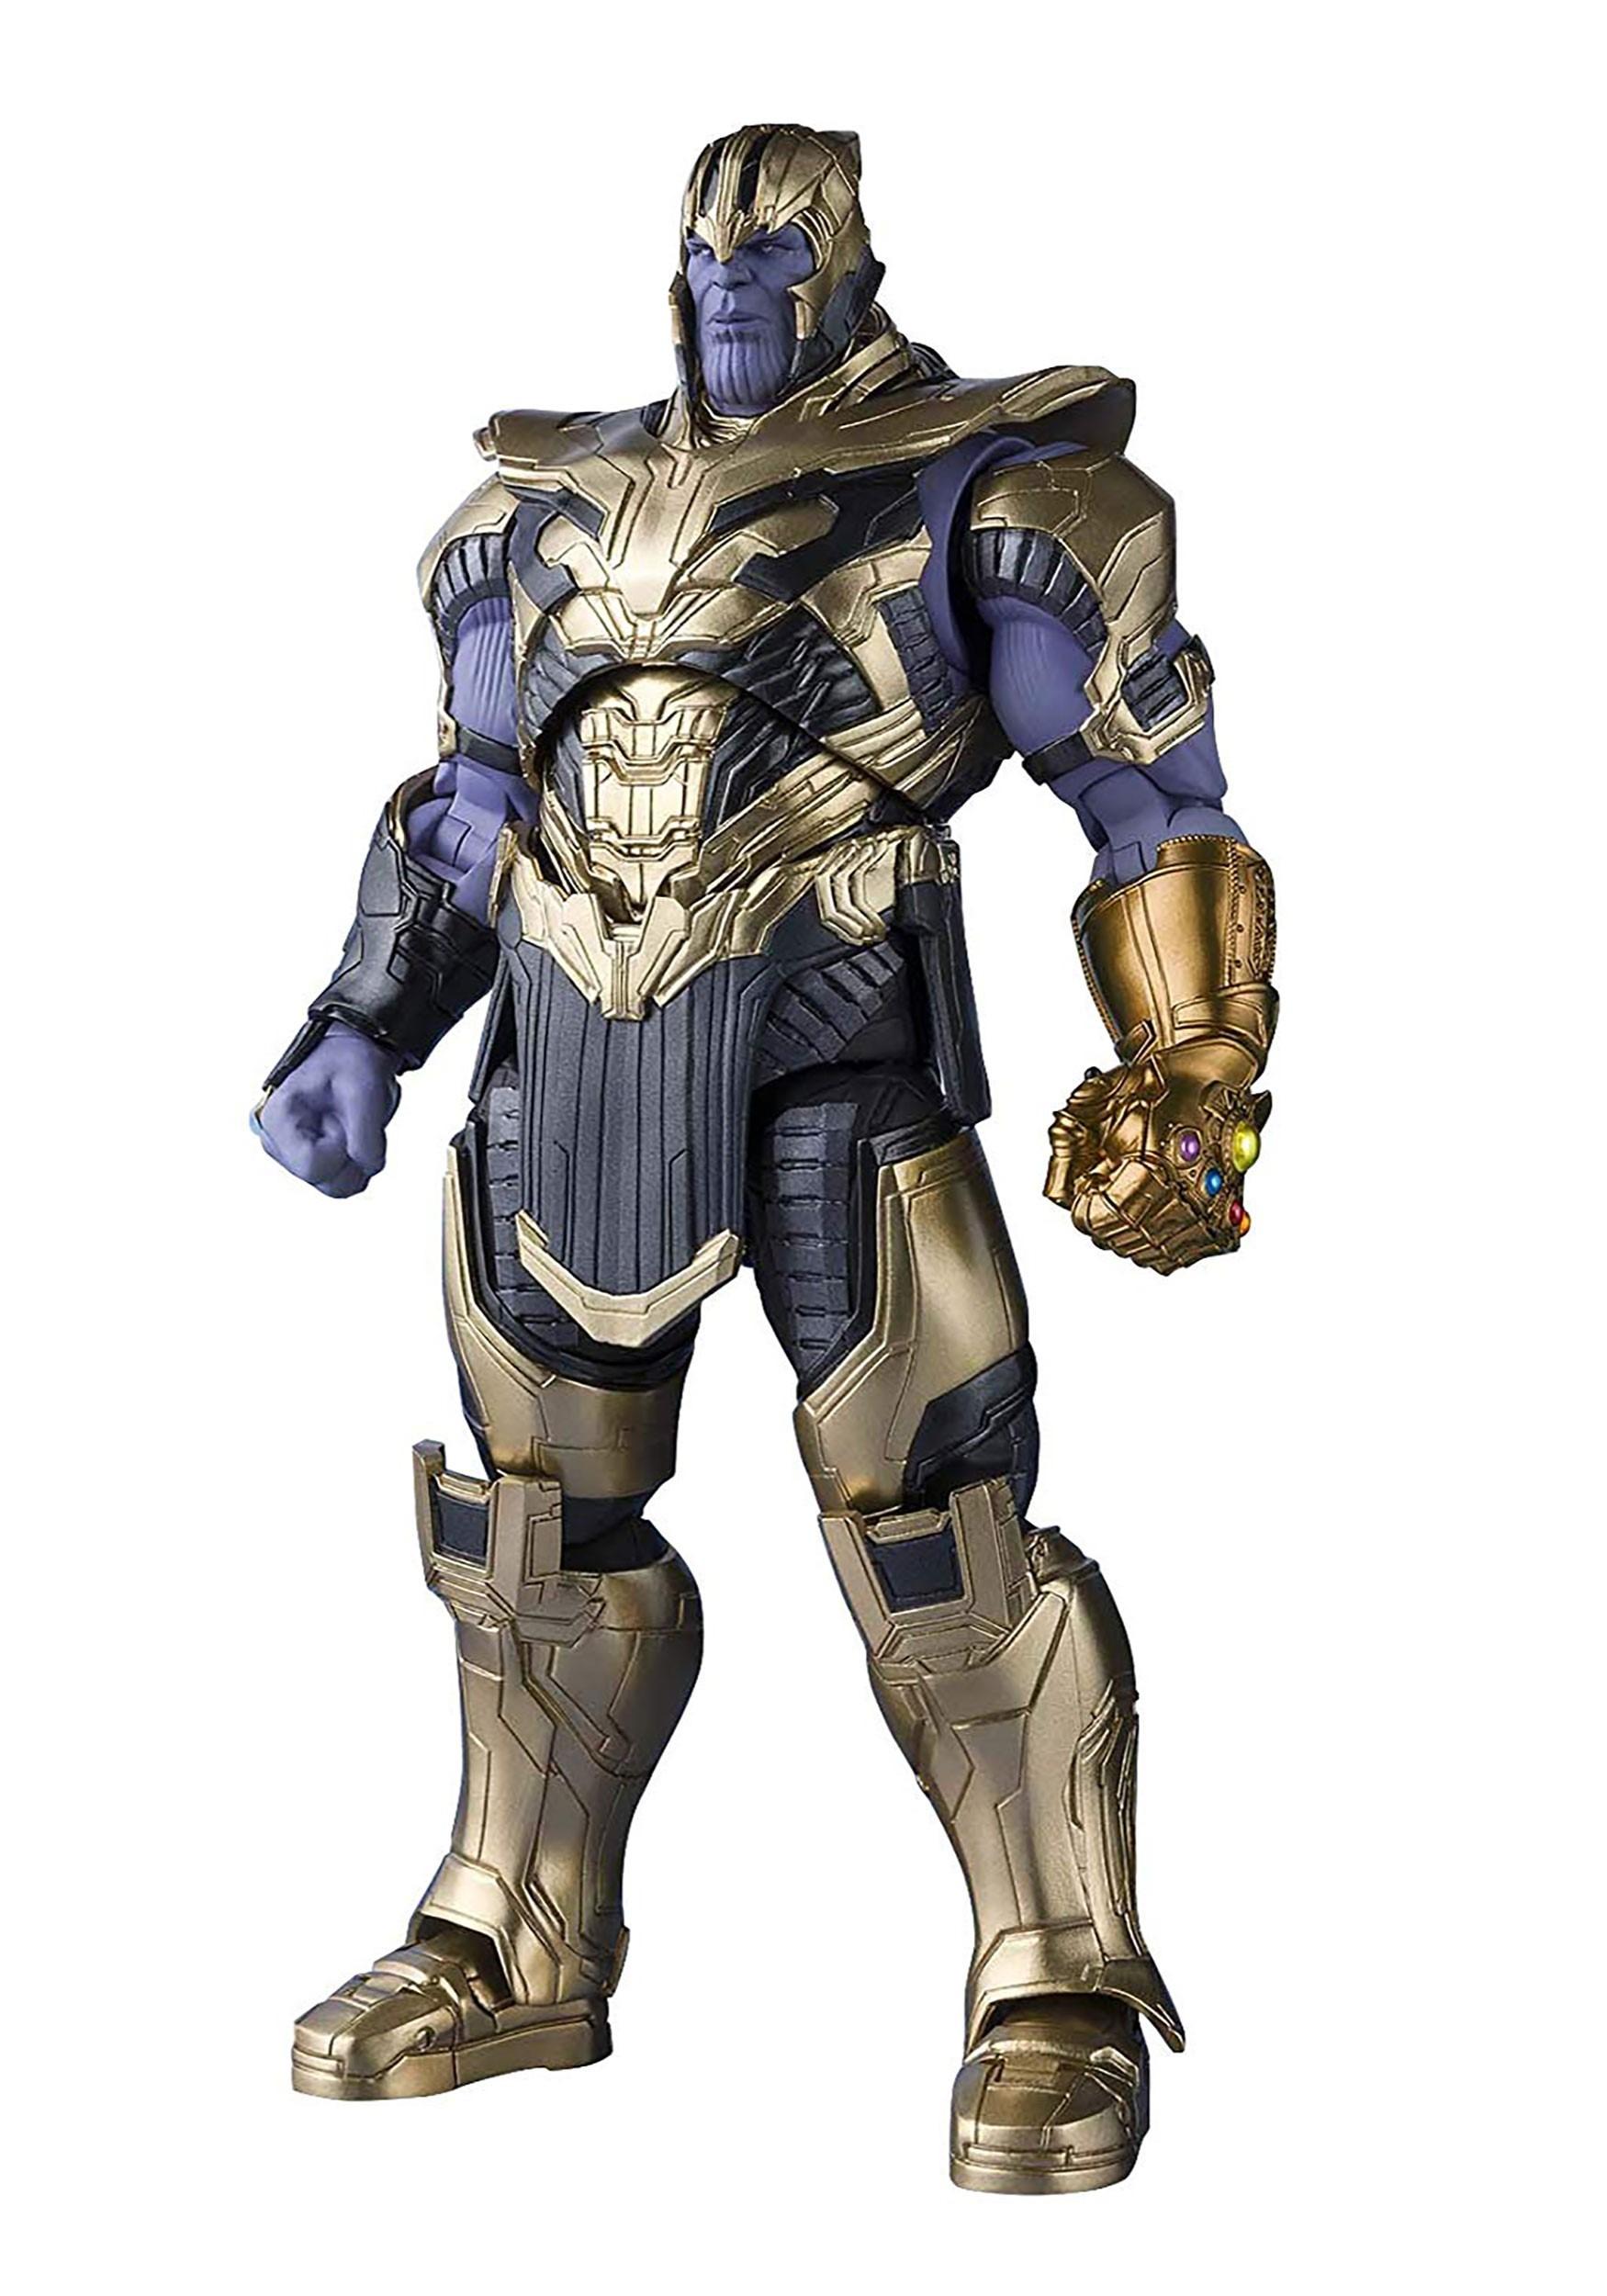 Thanos_Avengers_Endgame_Bandai_SH_Figuarts_Action_Figure